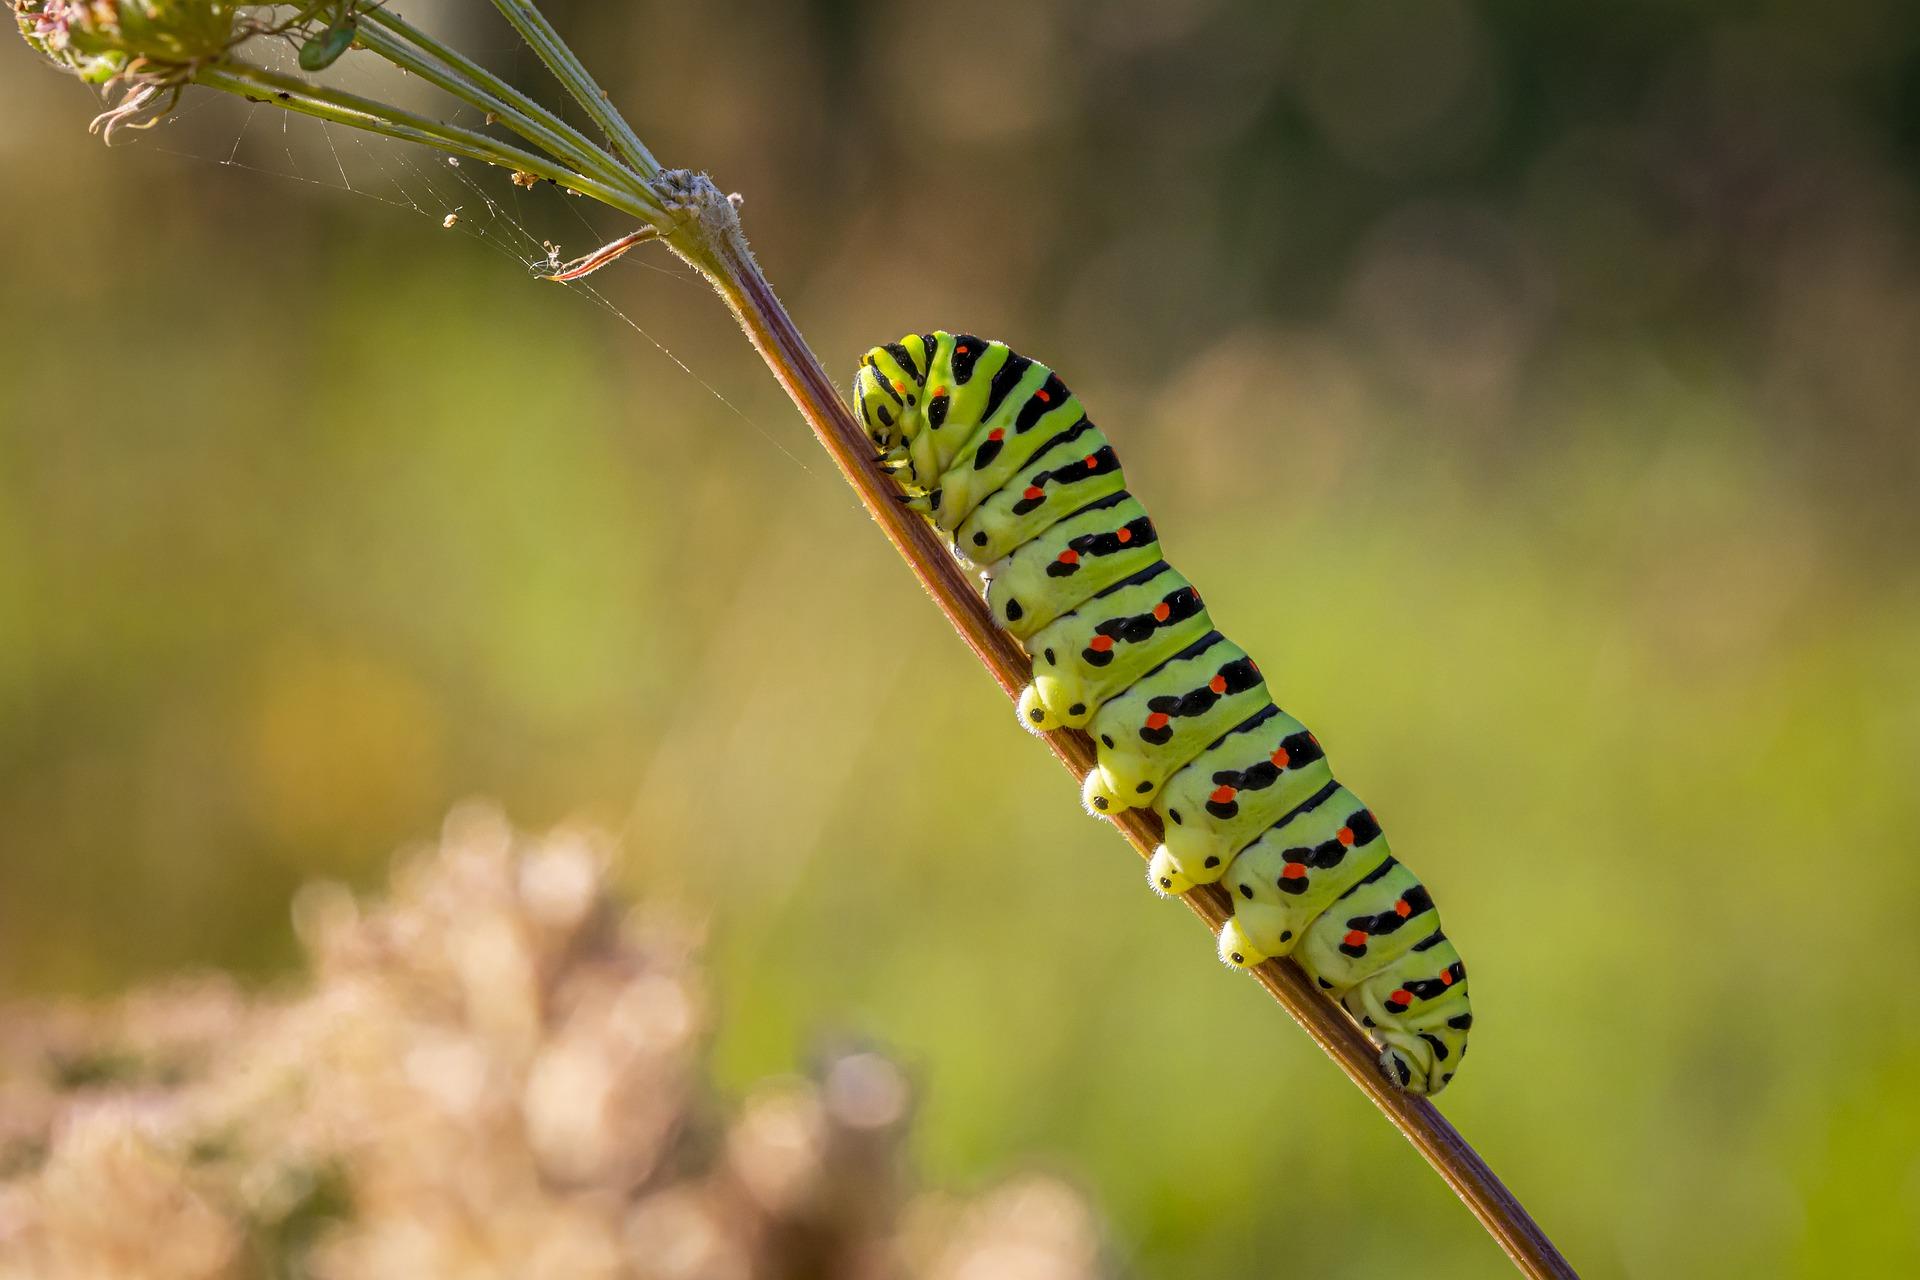 Schwalbenschwanzraupe (Bild von Erik Karits auf Pixabay)